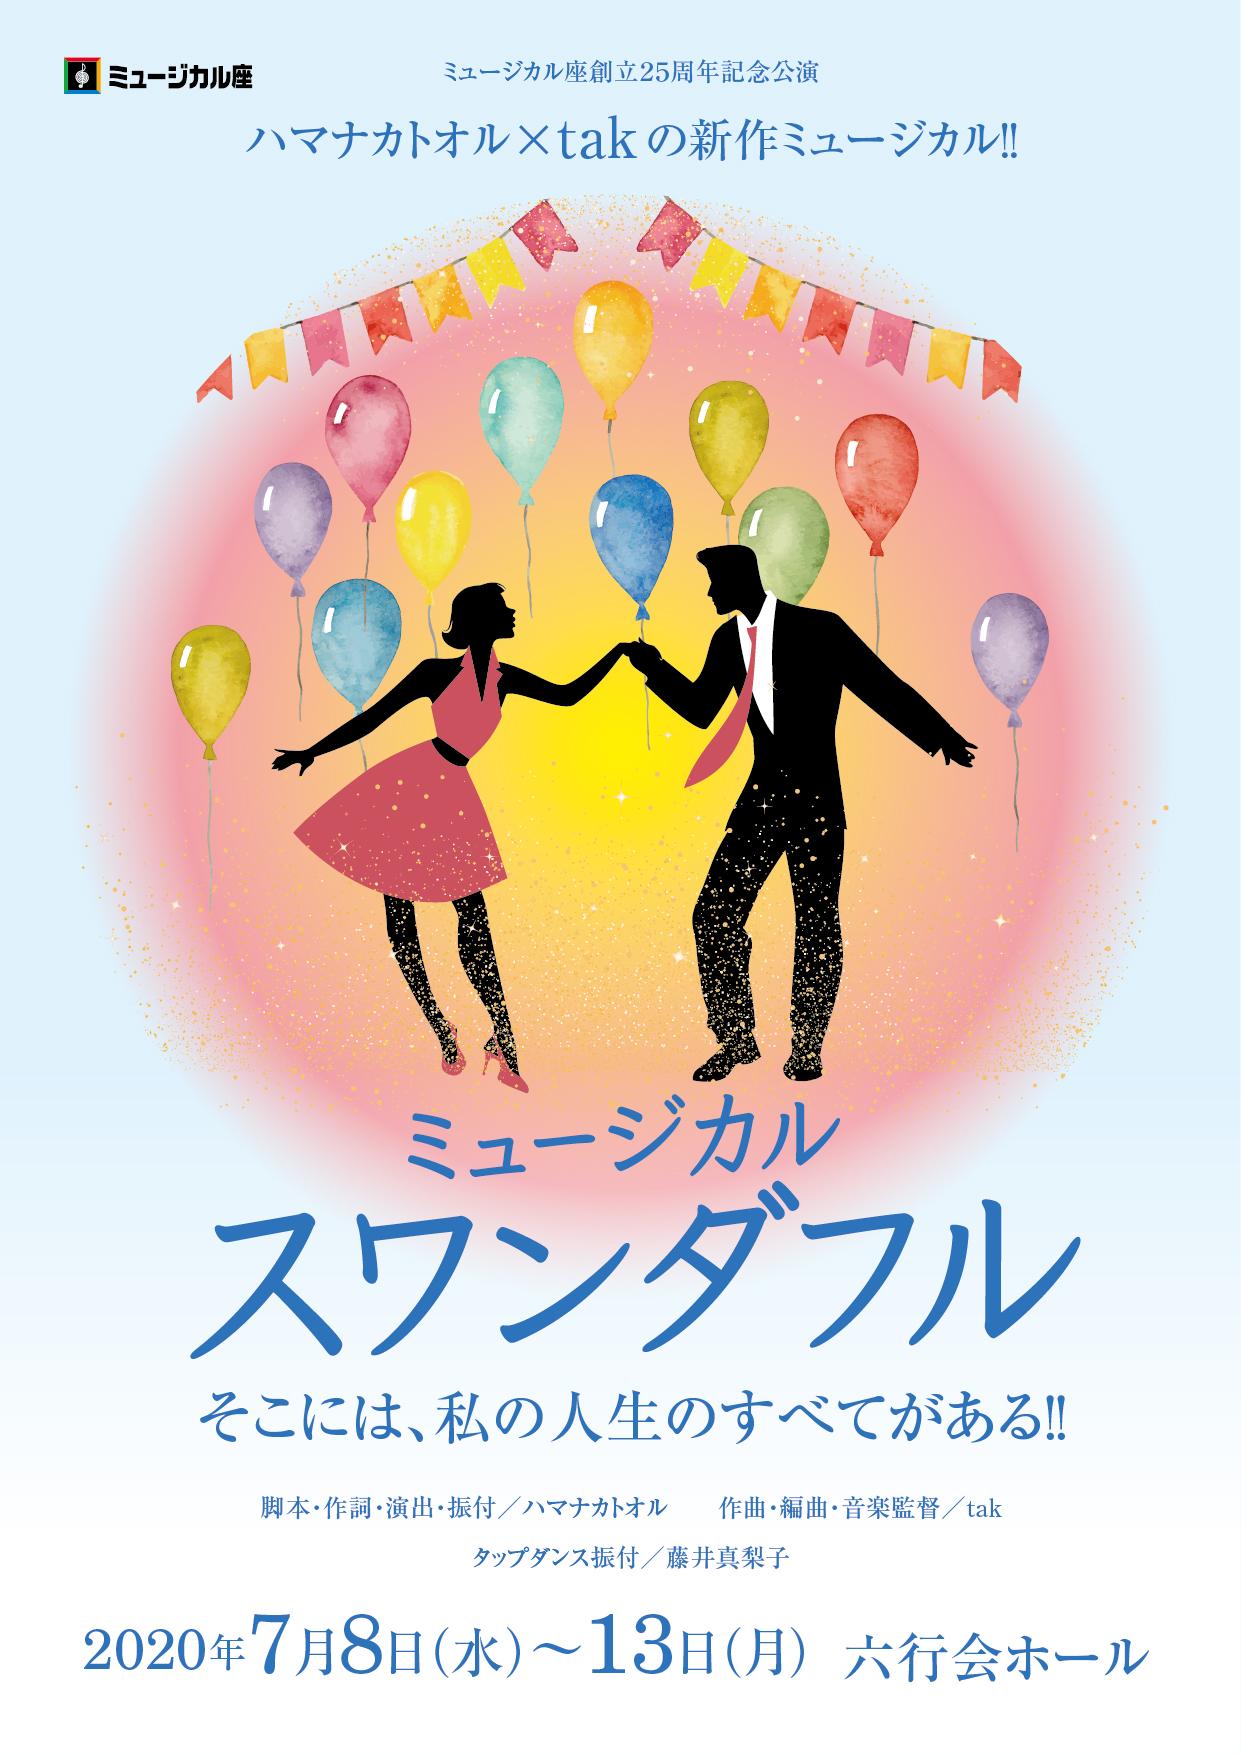 オーディション ミュージカル座7月公演「スワンダフル」キャストオーディション ファンタジックな演出が魅力の新作タップダンス・ミュージカルです 主催:ミュージカル座、カテゴリ:舞台